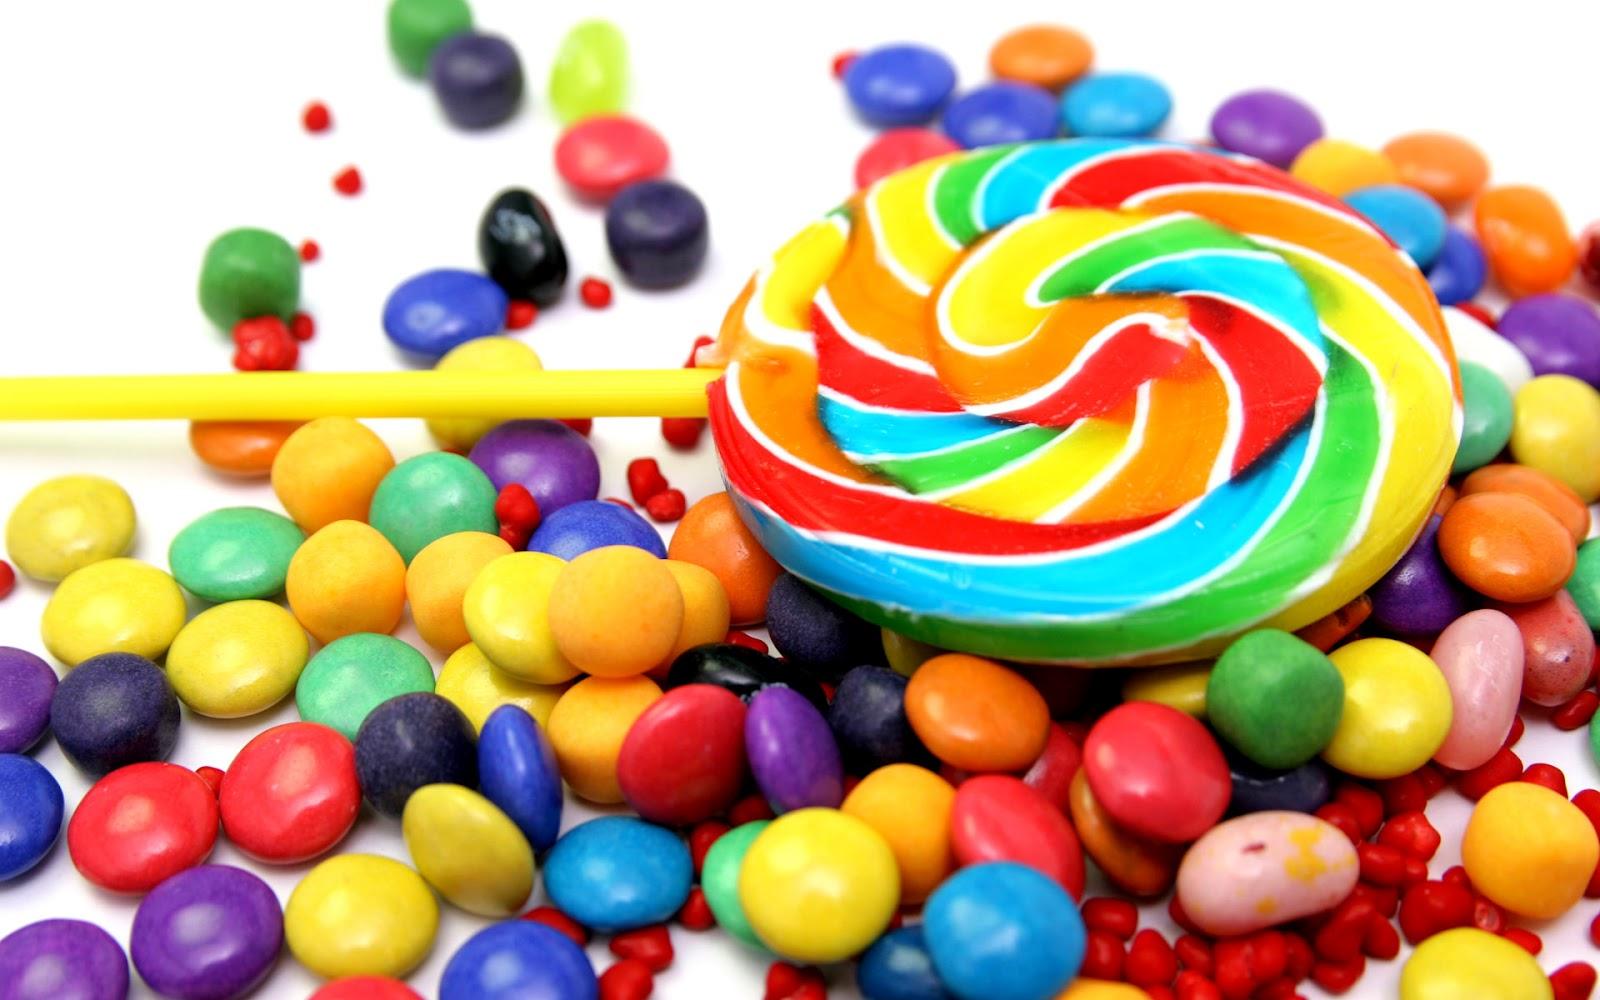 Şeker Tadında Geçirdiğiniz Sağlıklı Bir Bayram Dileriz :)